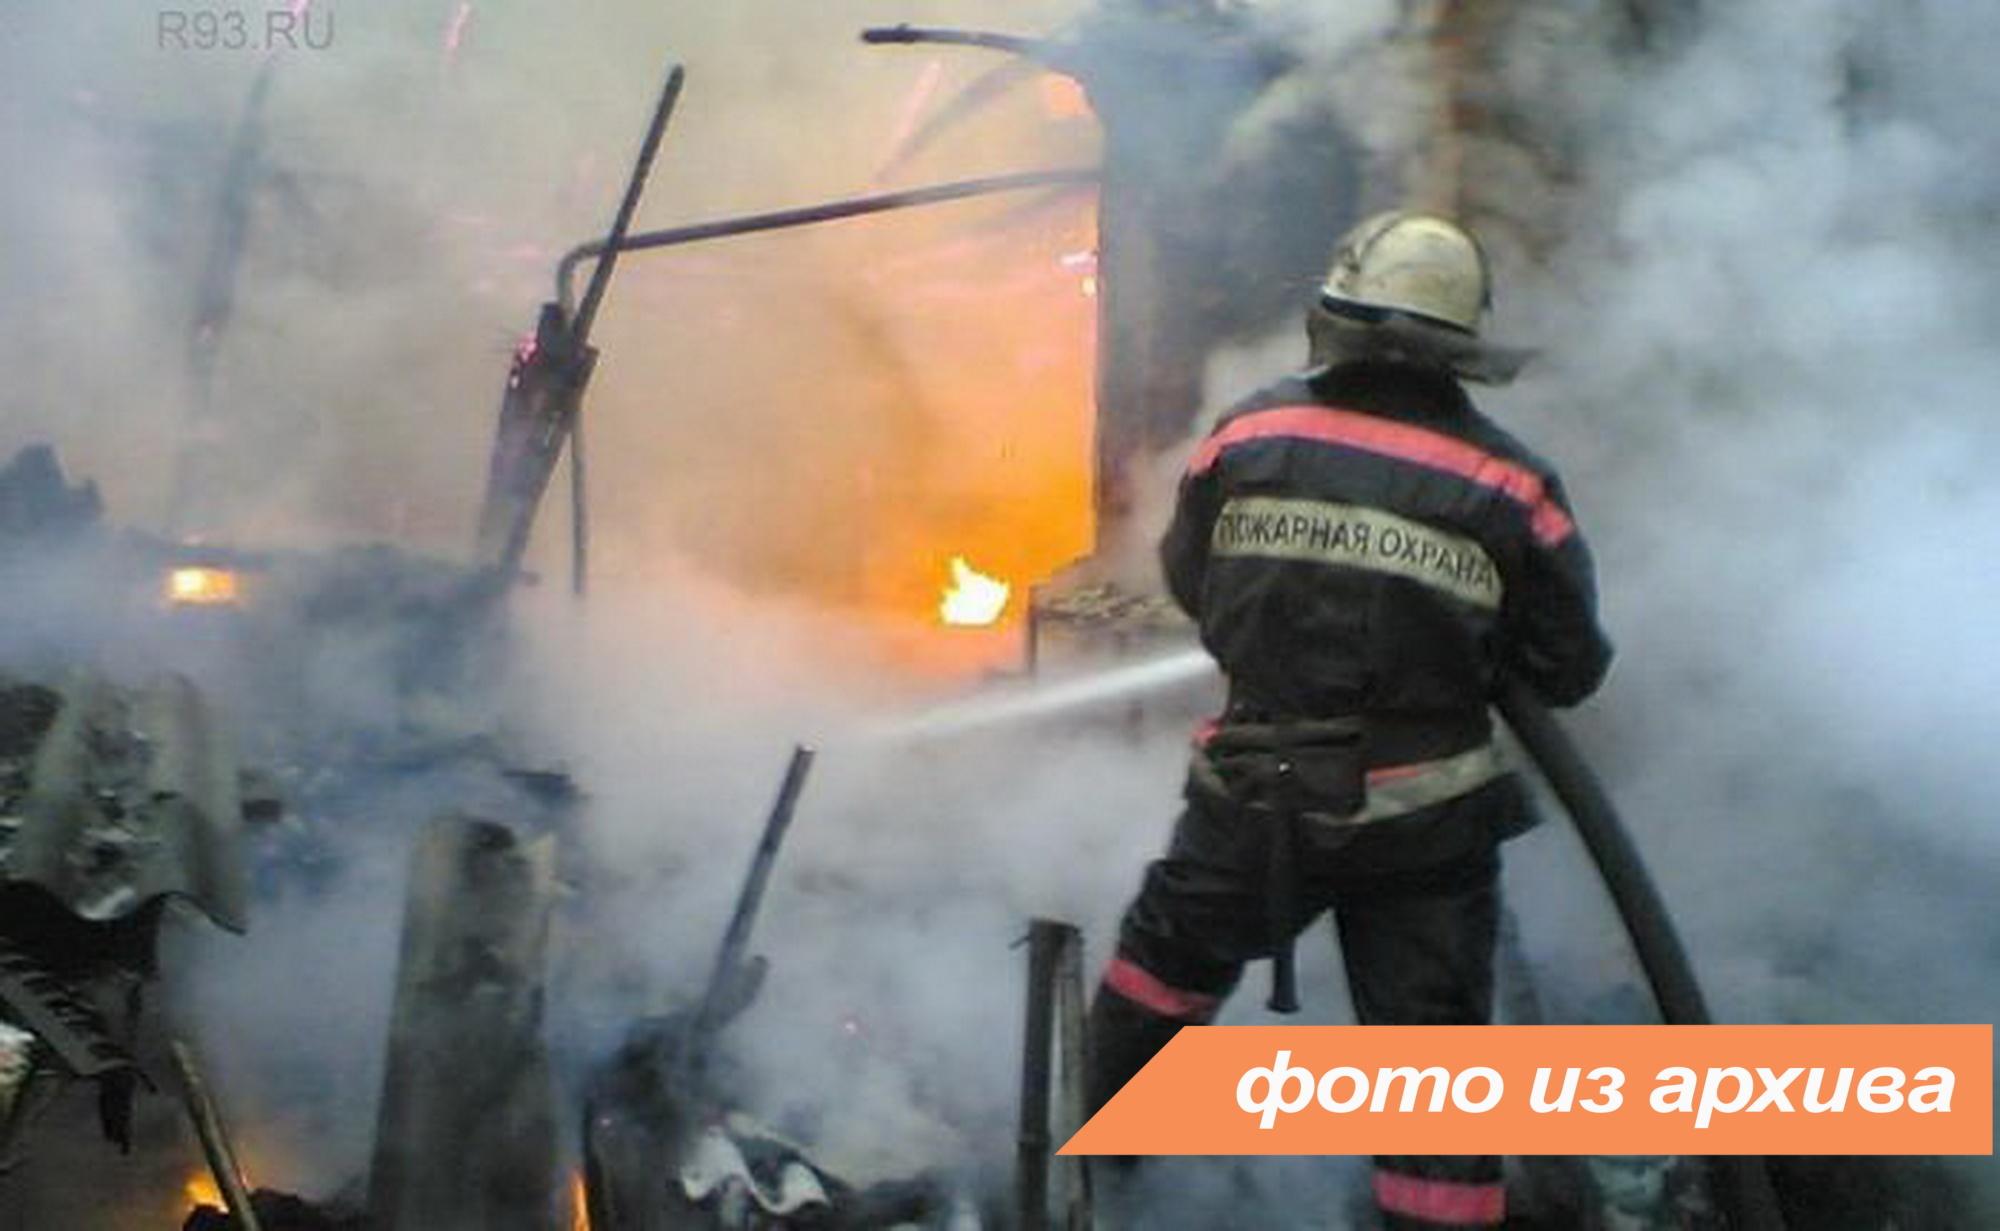 Пожарно-спасательное подразделение Ленинградской области ликвидировало пожар в Кингисеппском районе.